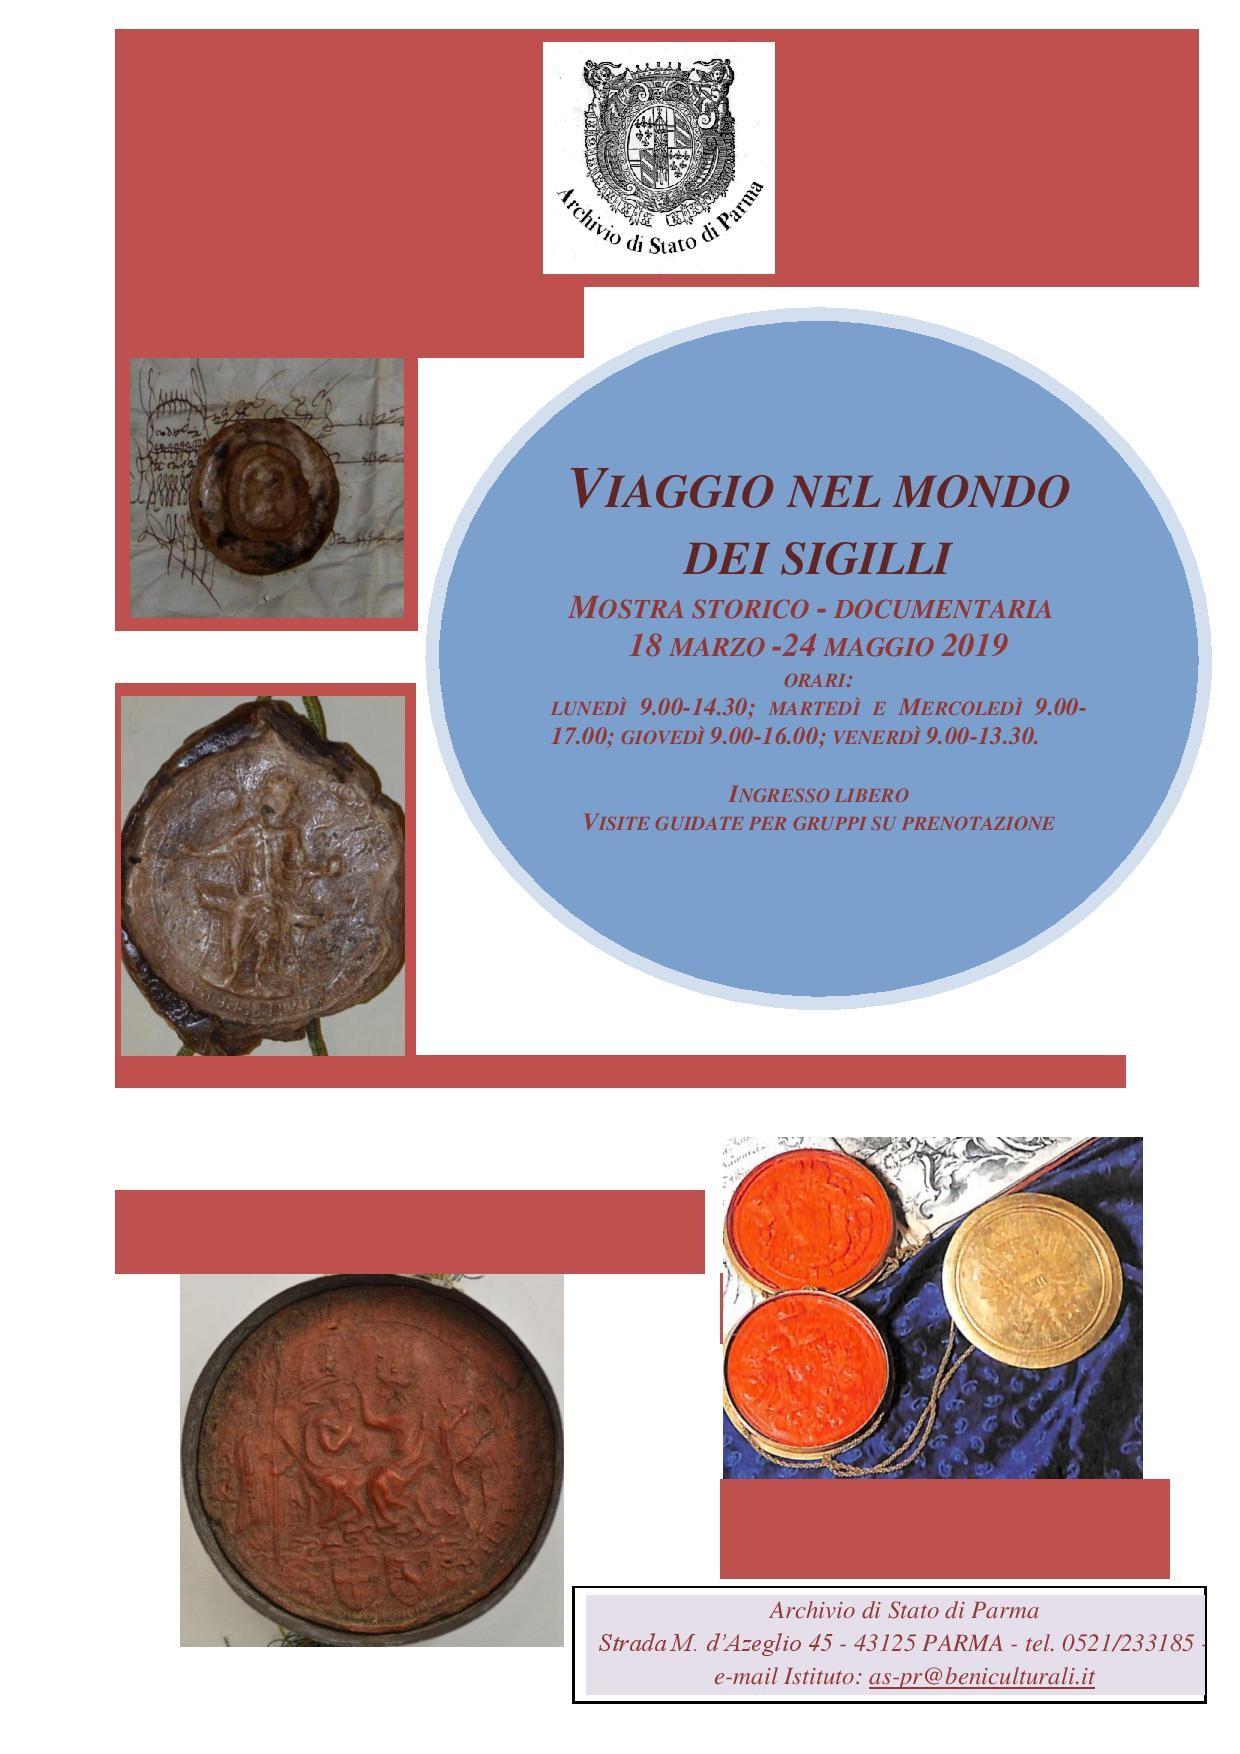 Viaggio nel mondo dei sigilli  all'Archivio di Stato di Parma, mostra documentaria